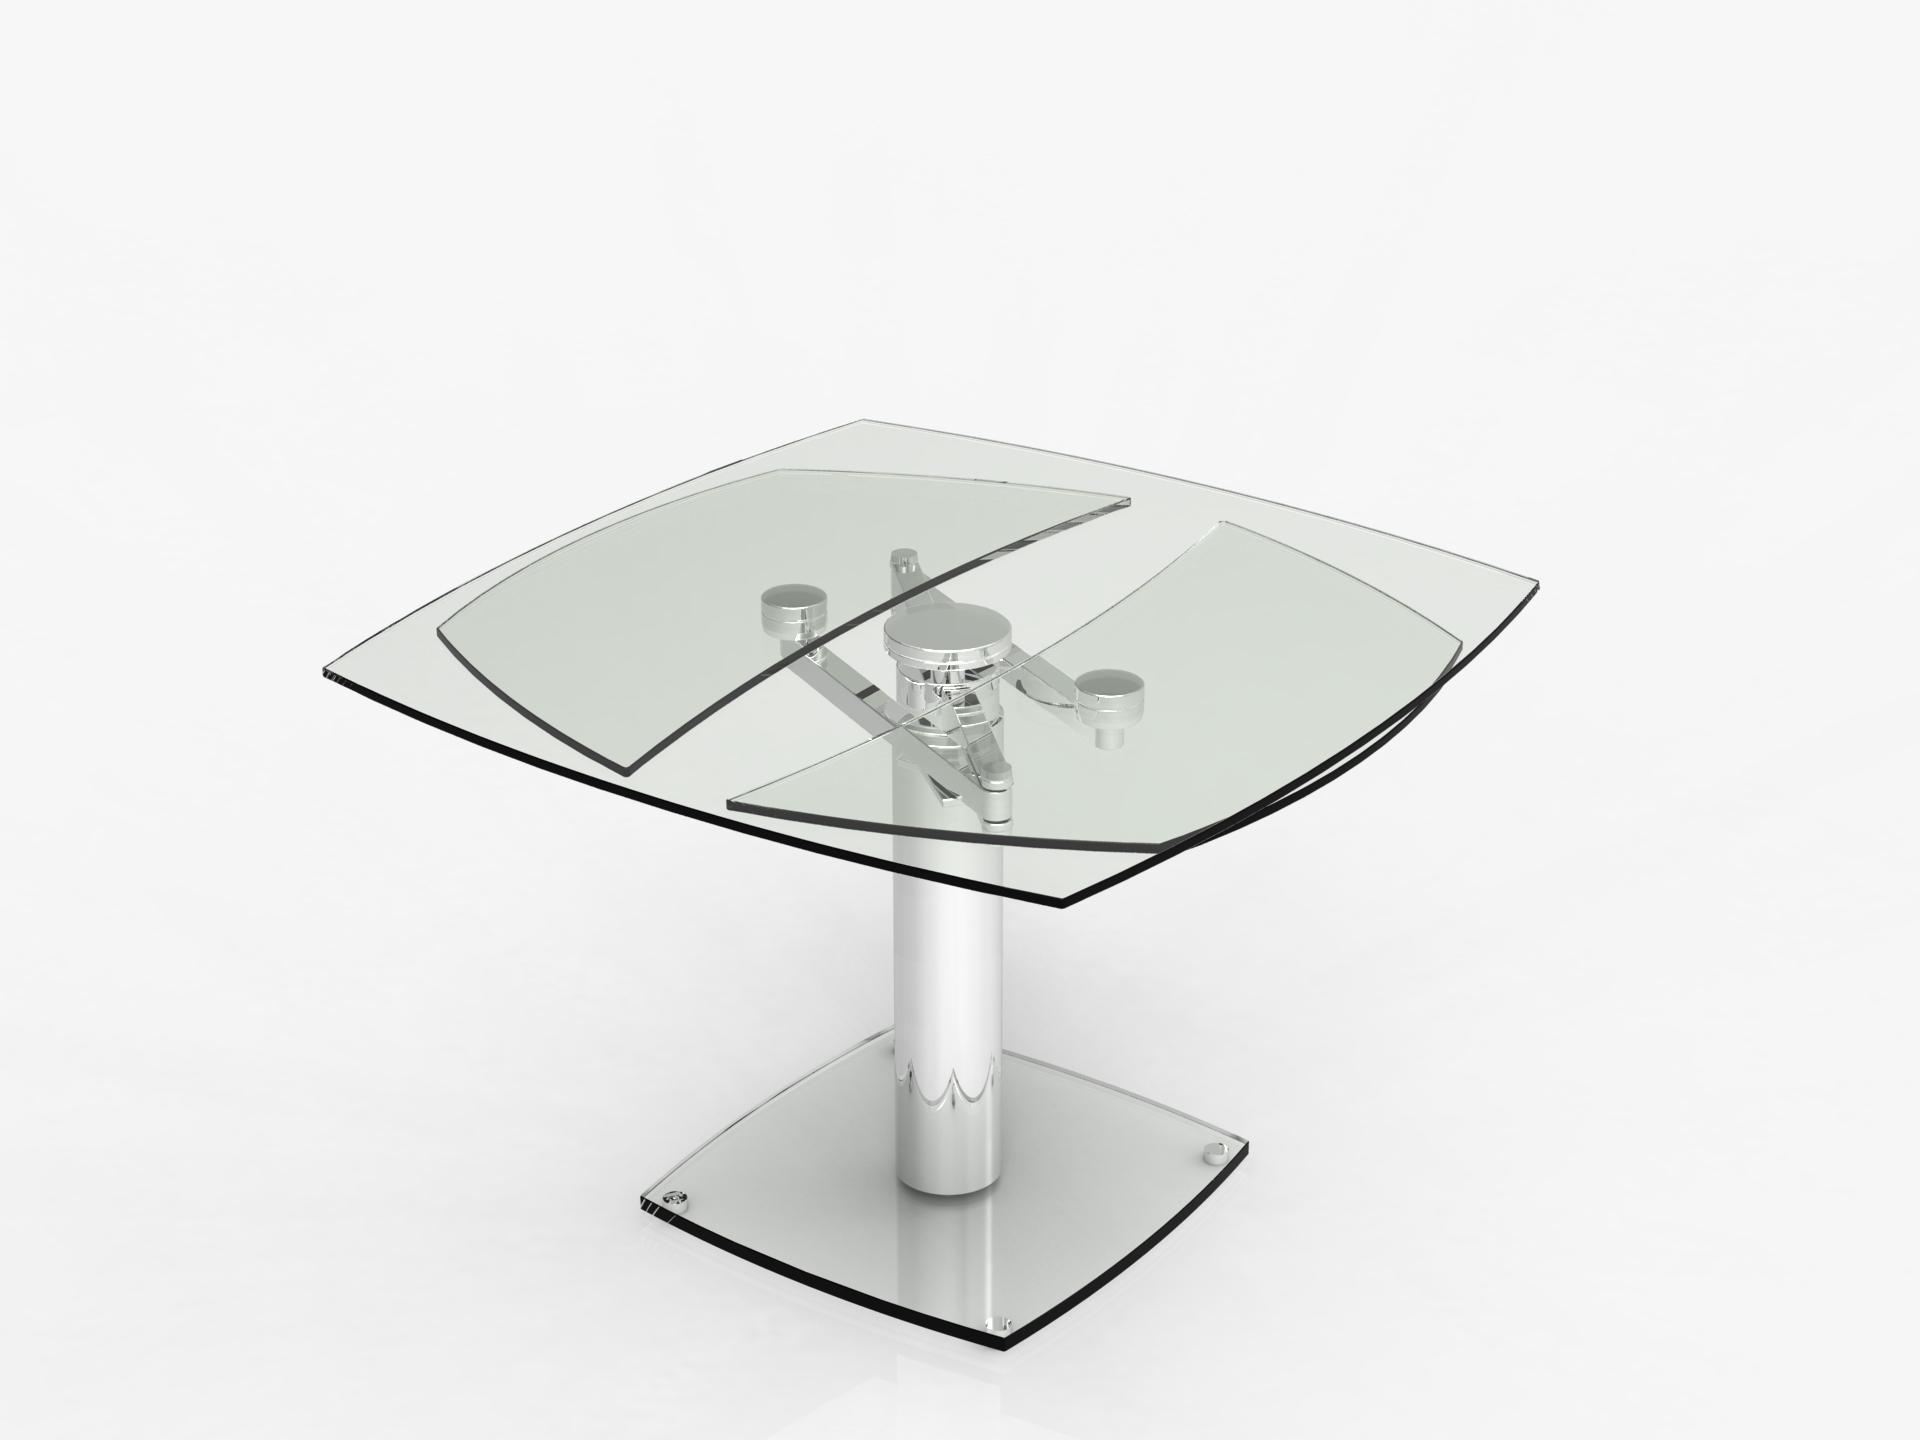 Accueil salle manger tables tables en verre table de repas - Table ronde en verre pas cher ...